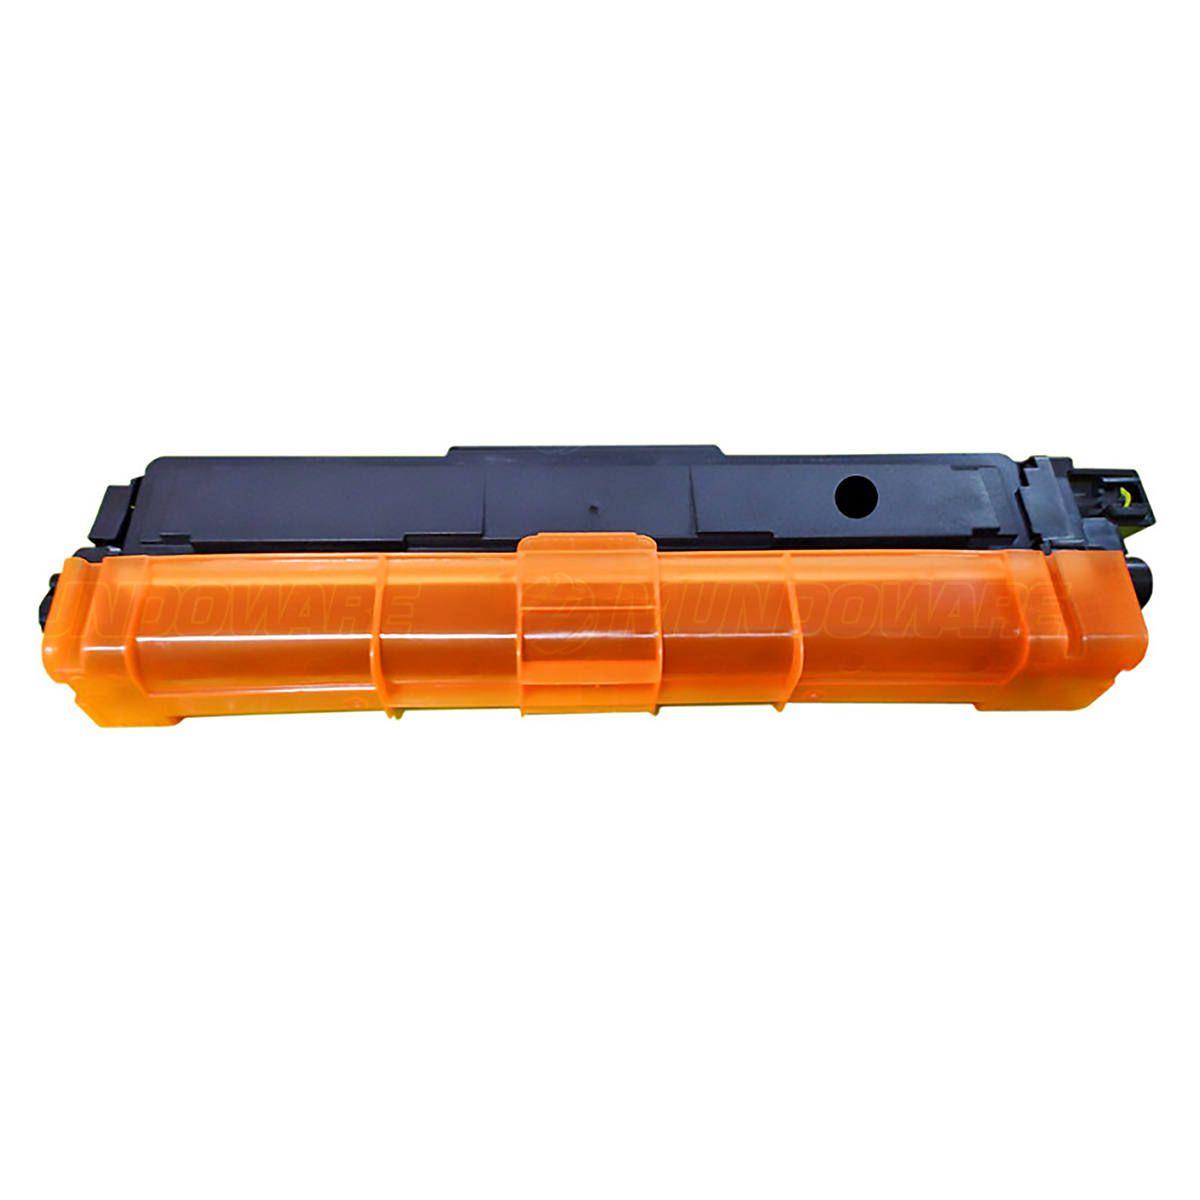 Compatível: Toner TN217 TN213 para Brother MFC-L3750 L3750cdw HL-L3210cw DCP-L3551cdw L3551 L3730cdw / Preto / 3.000